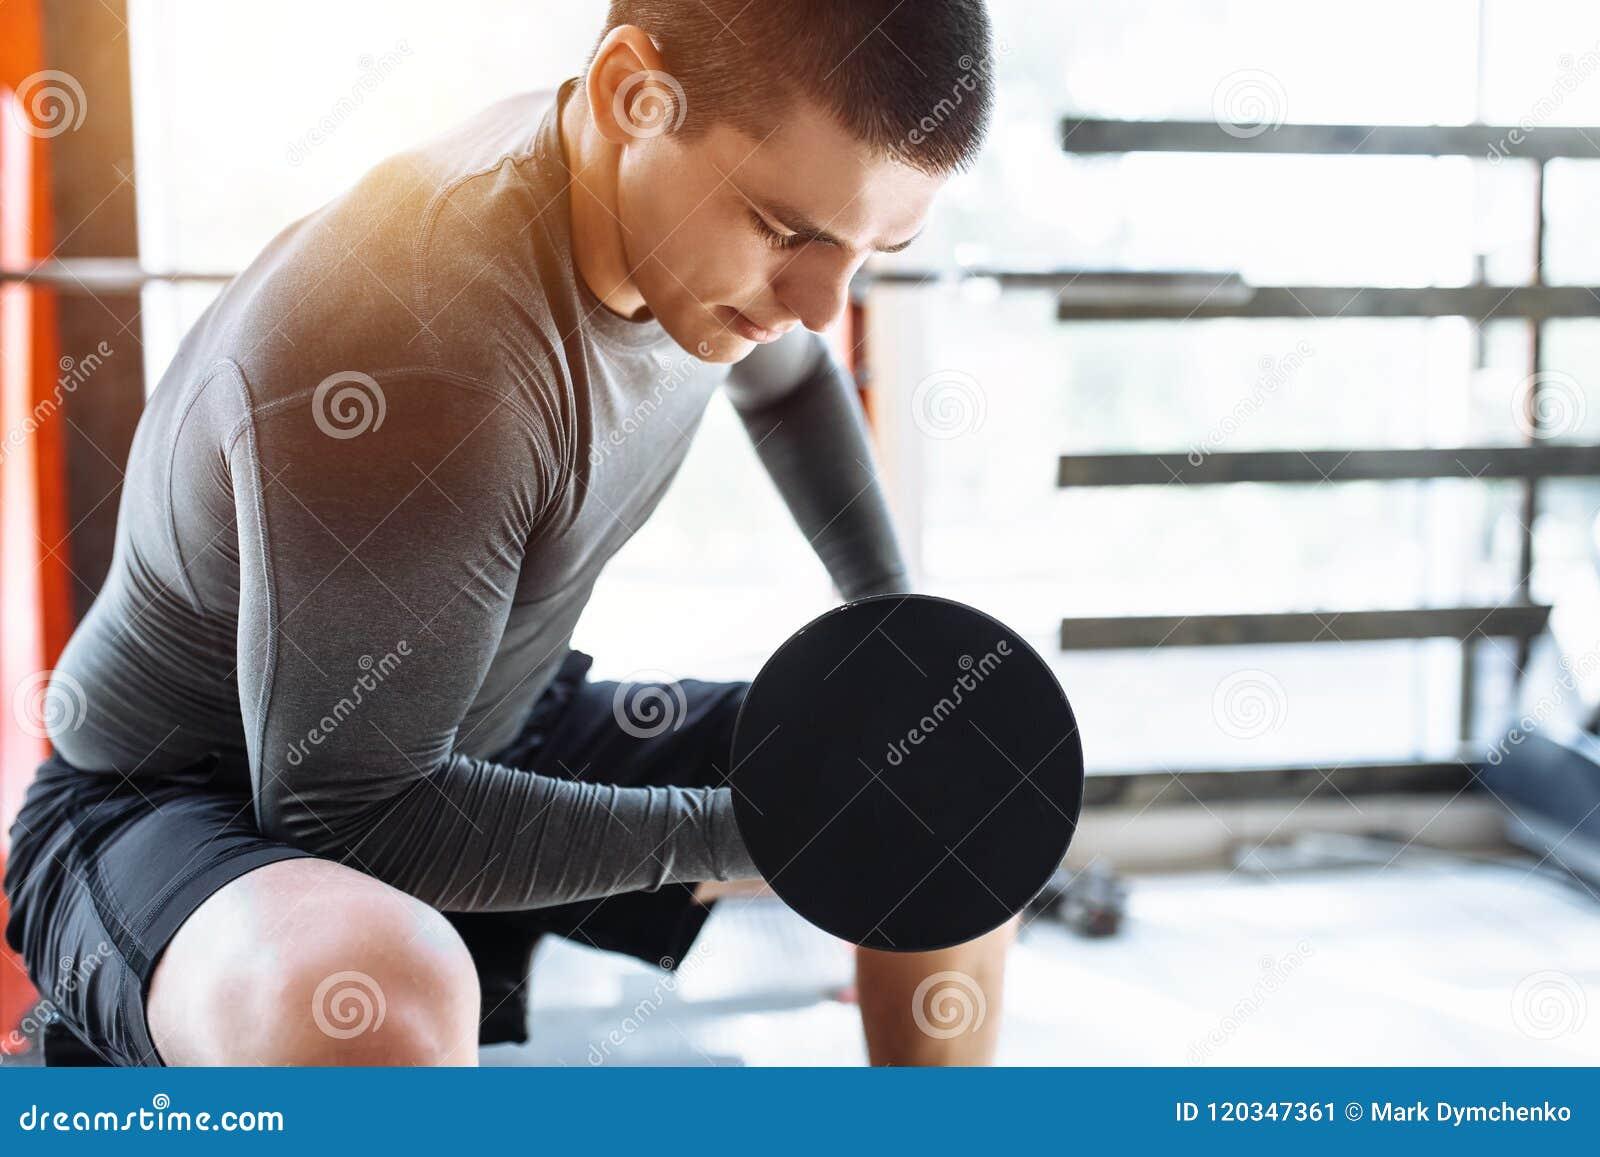 Sportmannen lyfter vikter i utbildning i idrottshallen, morgonutbildning